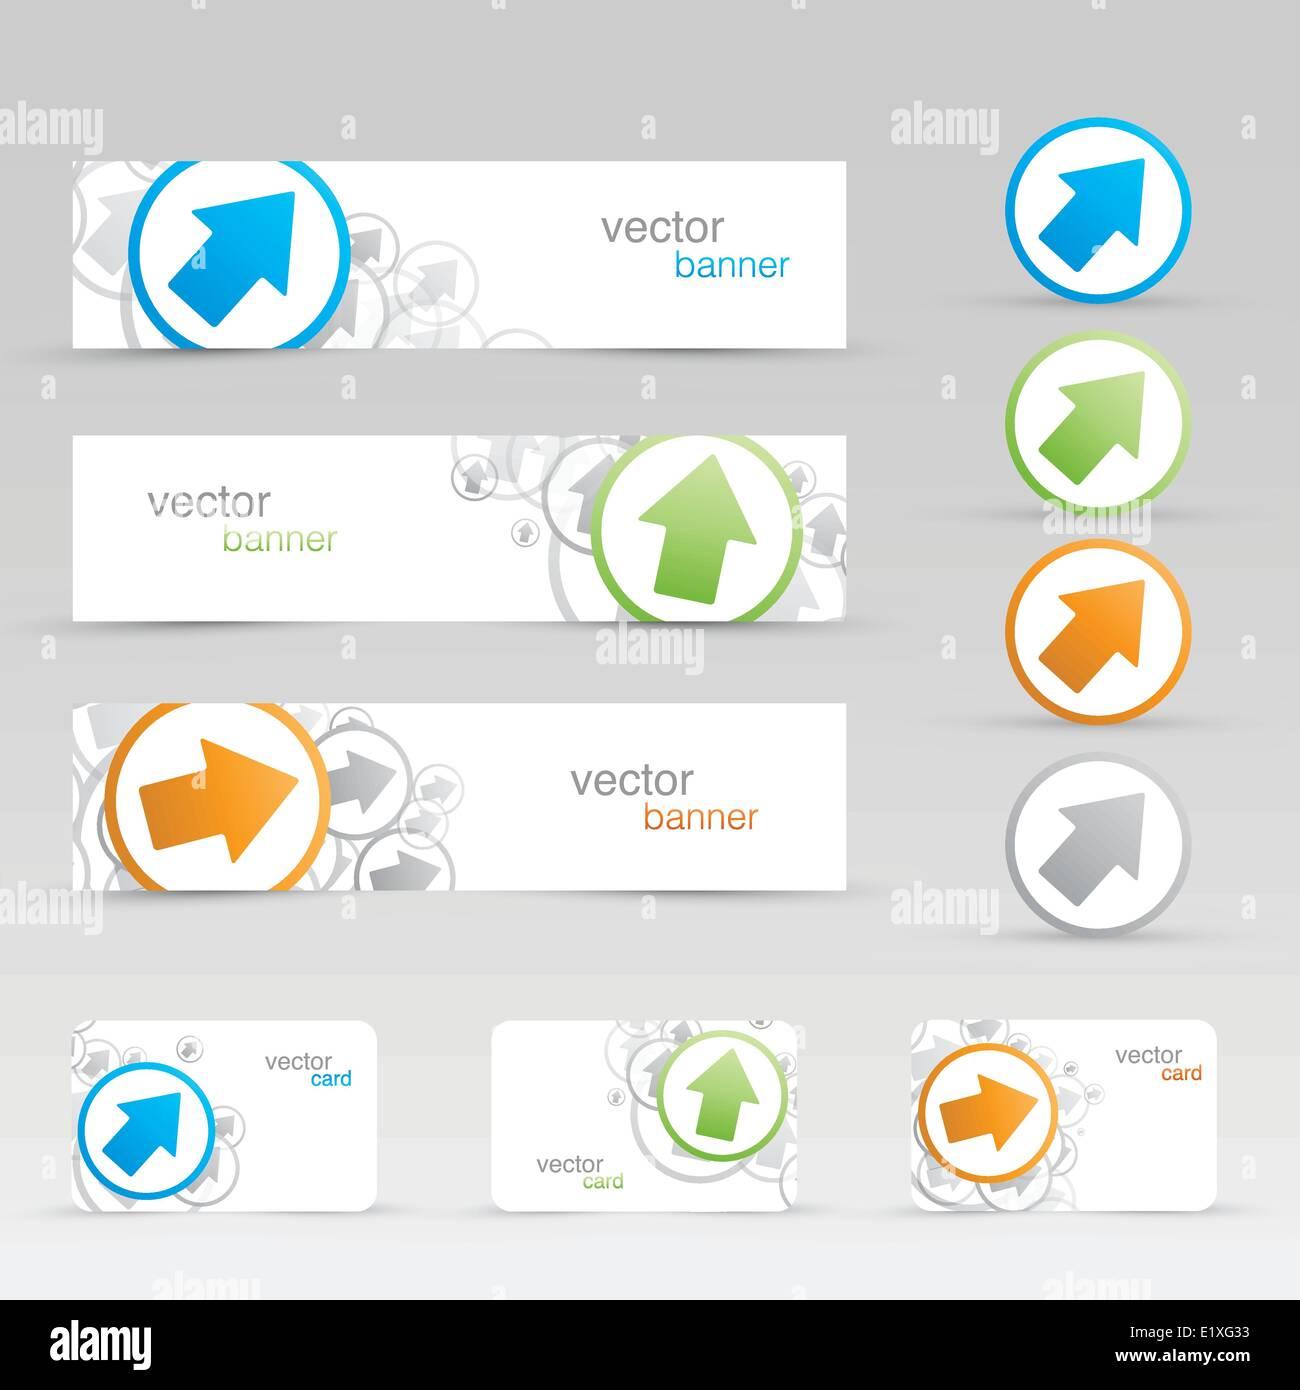 Vektor Pfeil Banner Und Visitenkarten Vorlagen Eps10 Vektor